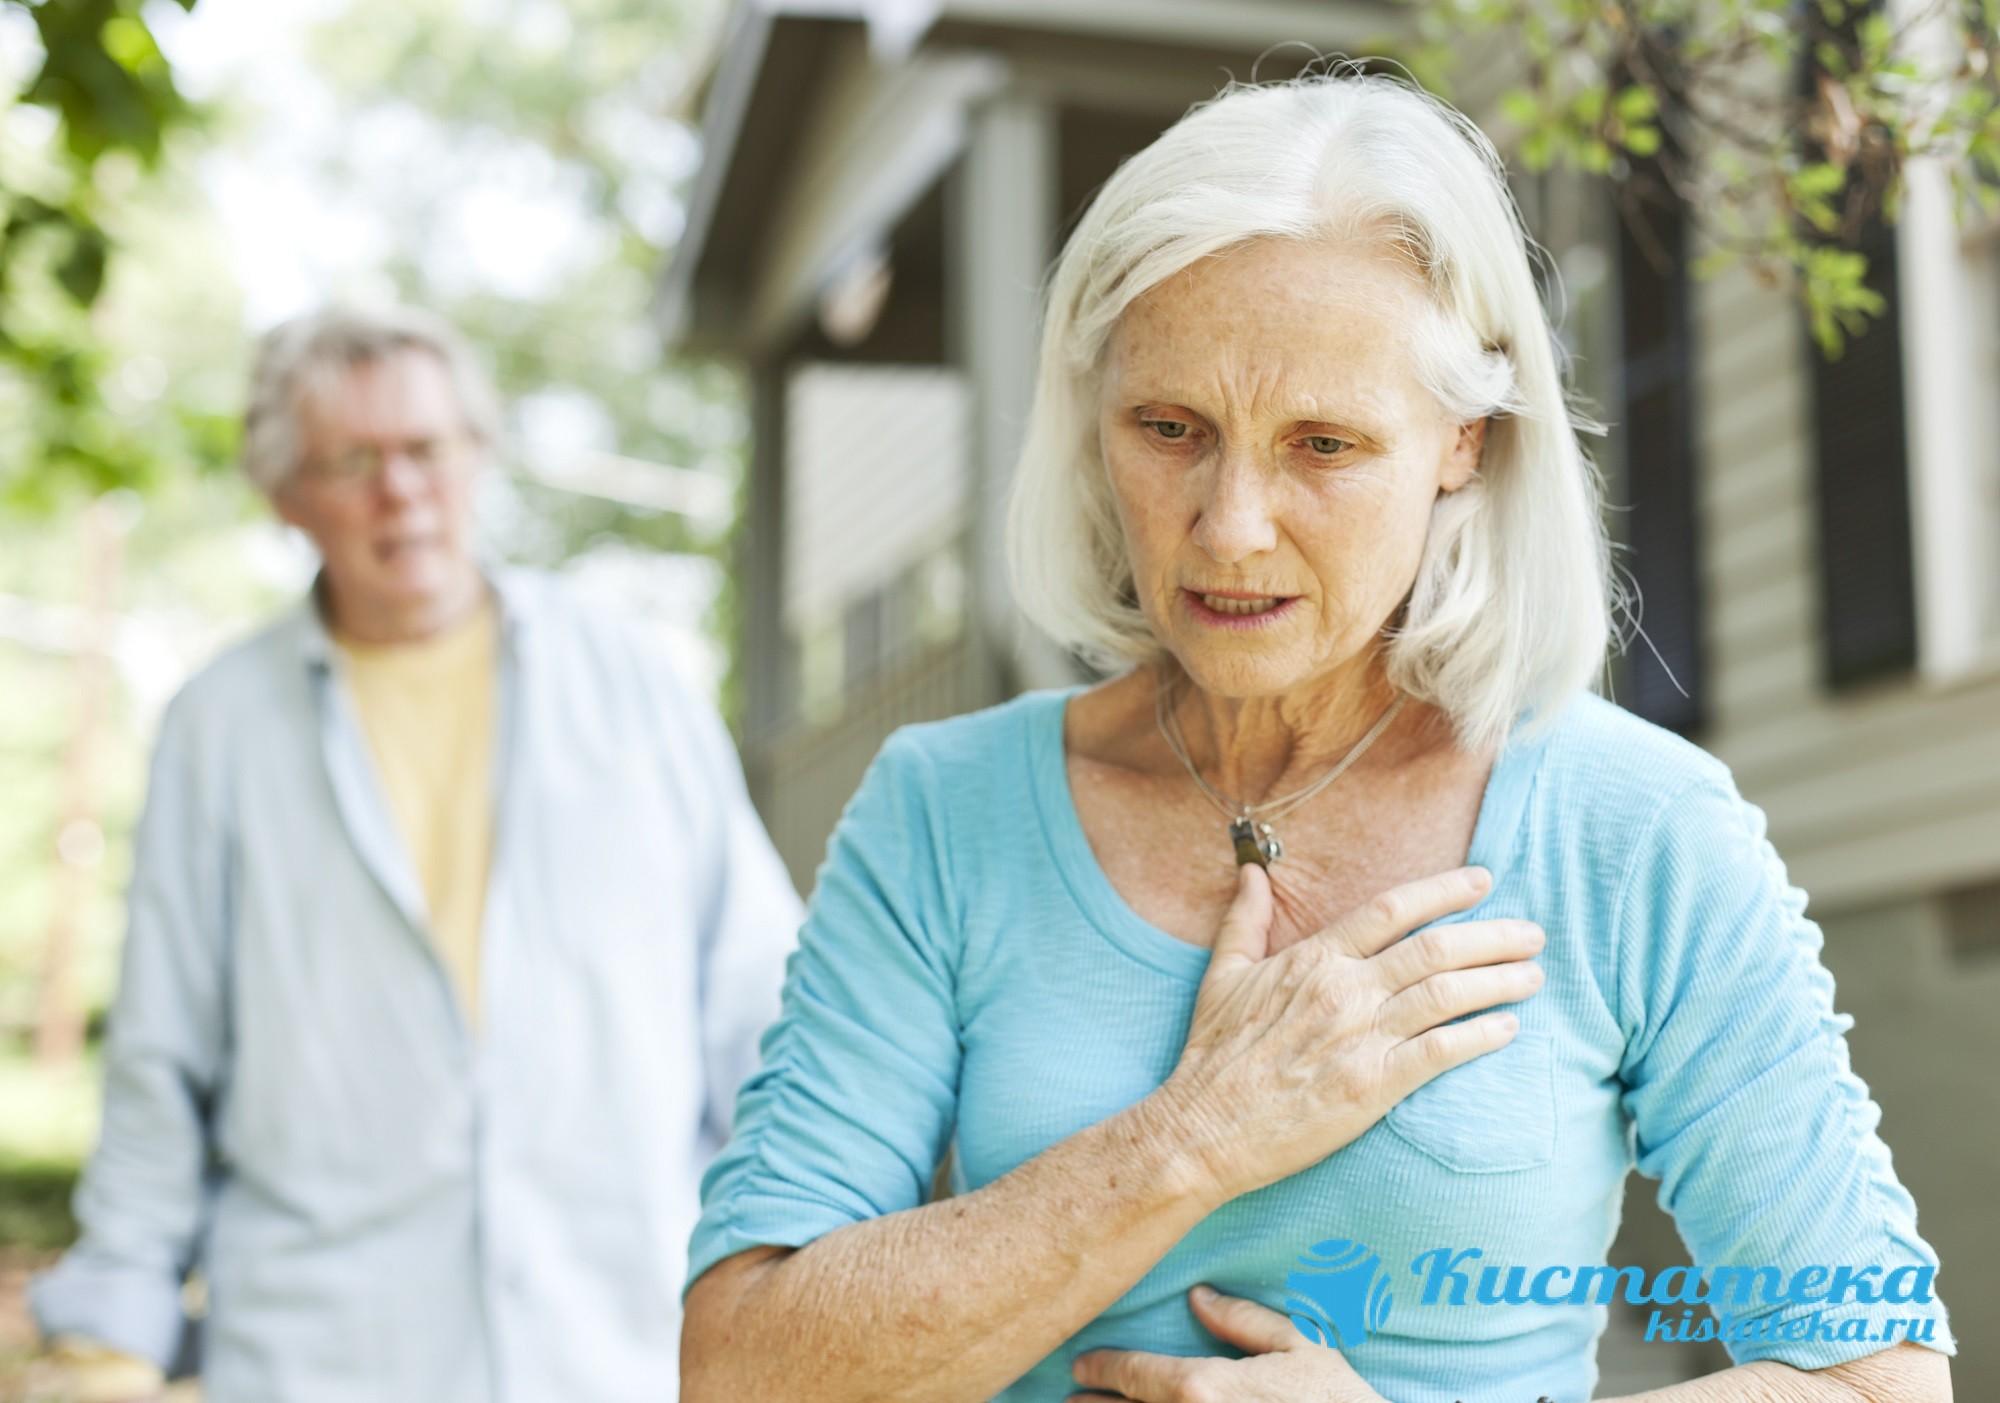 Патологии в области сердца могут привести к разнообразным нарушениям